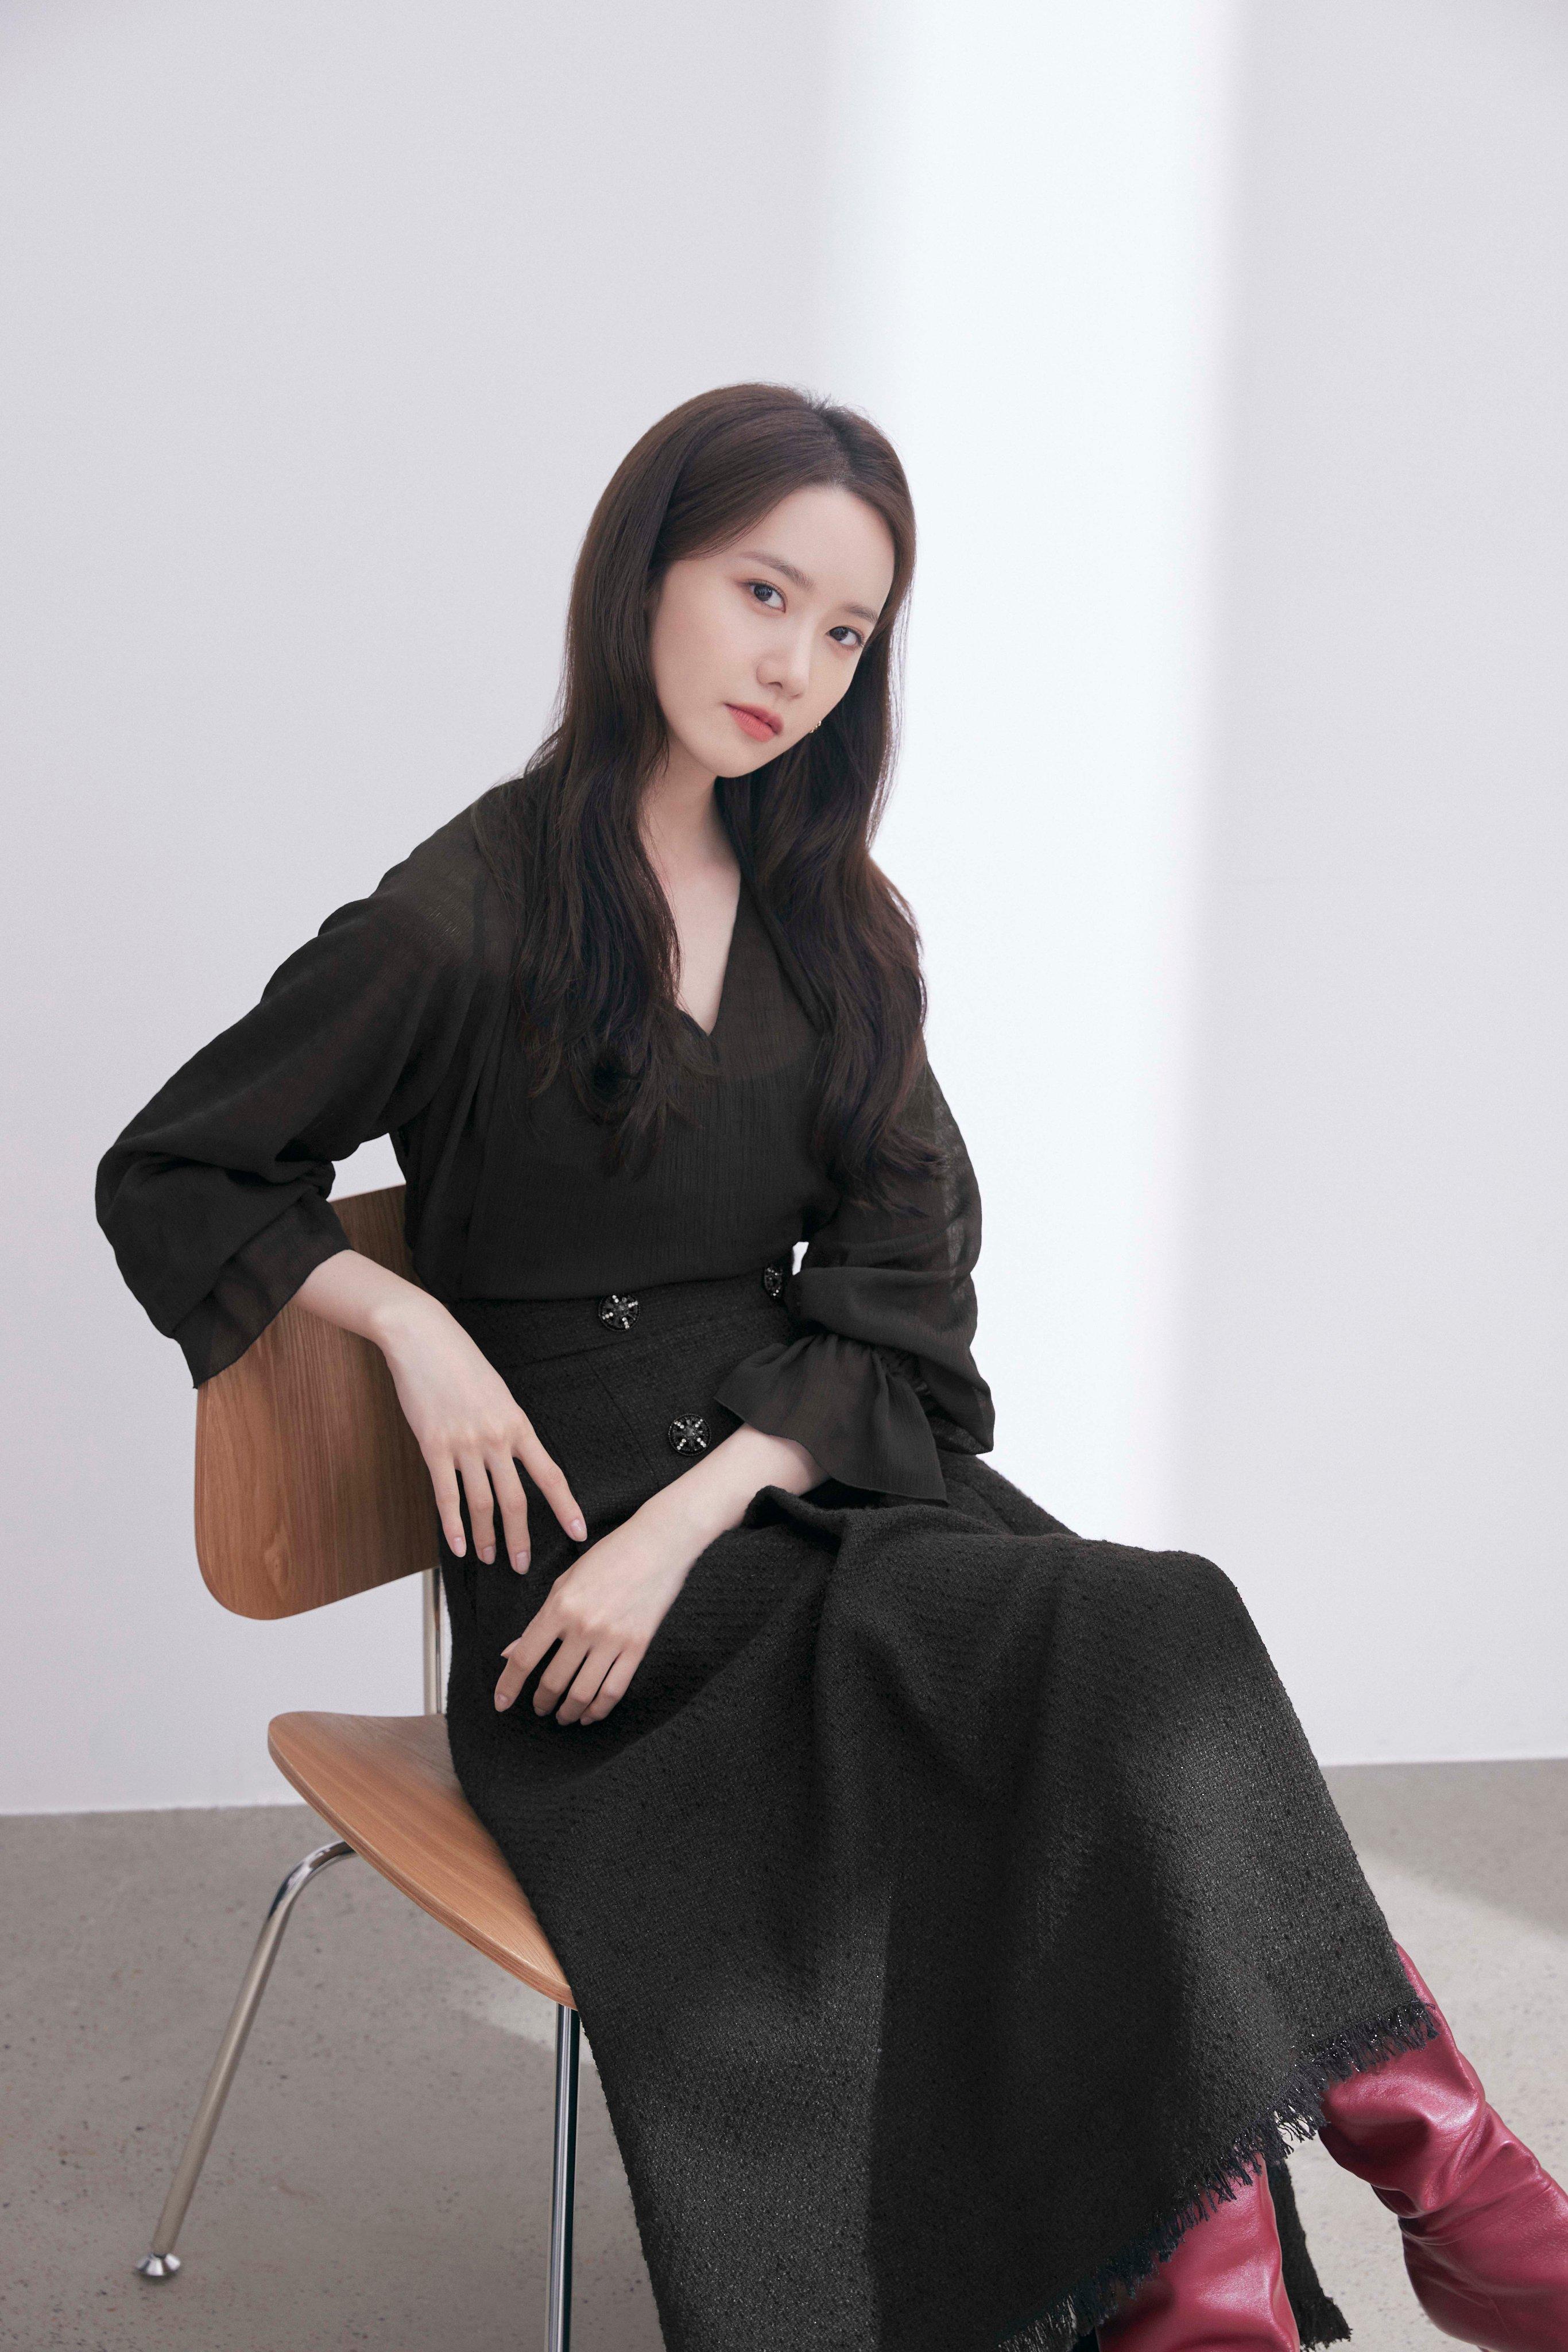 Sang tuổi 30, Yoona tạm biệt style ngọt ngào. trong sáng quay ngoắt sang hình ảnh sang chảnh, quý phái như tiểu thư nhà tài phiệt - Ảnh 8.